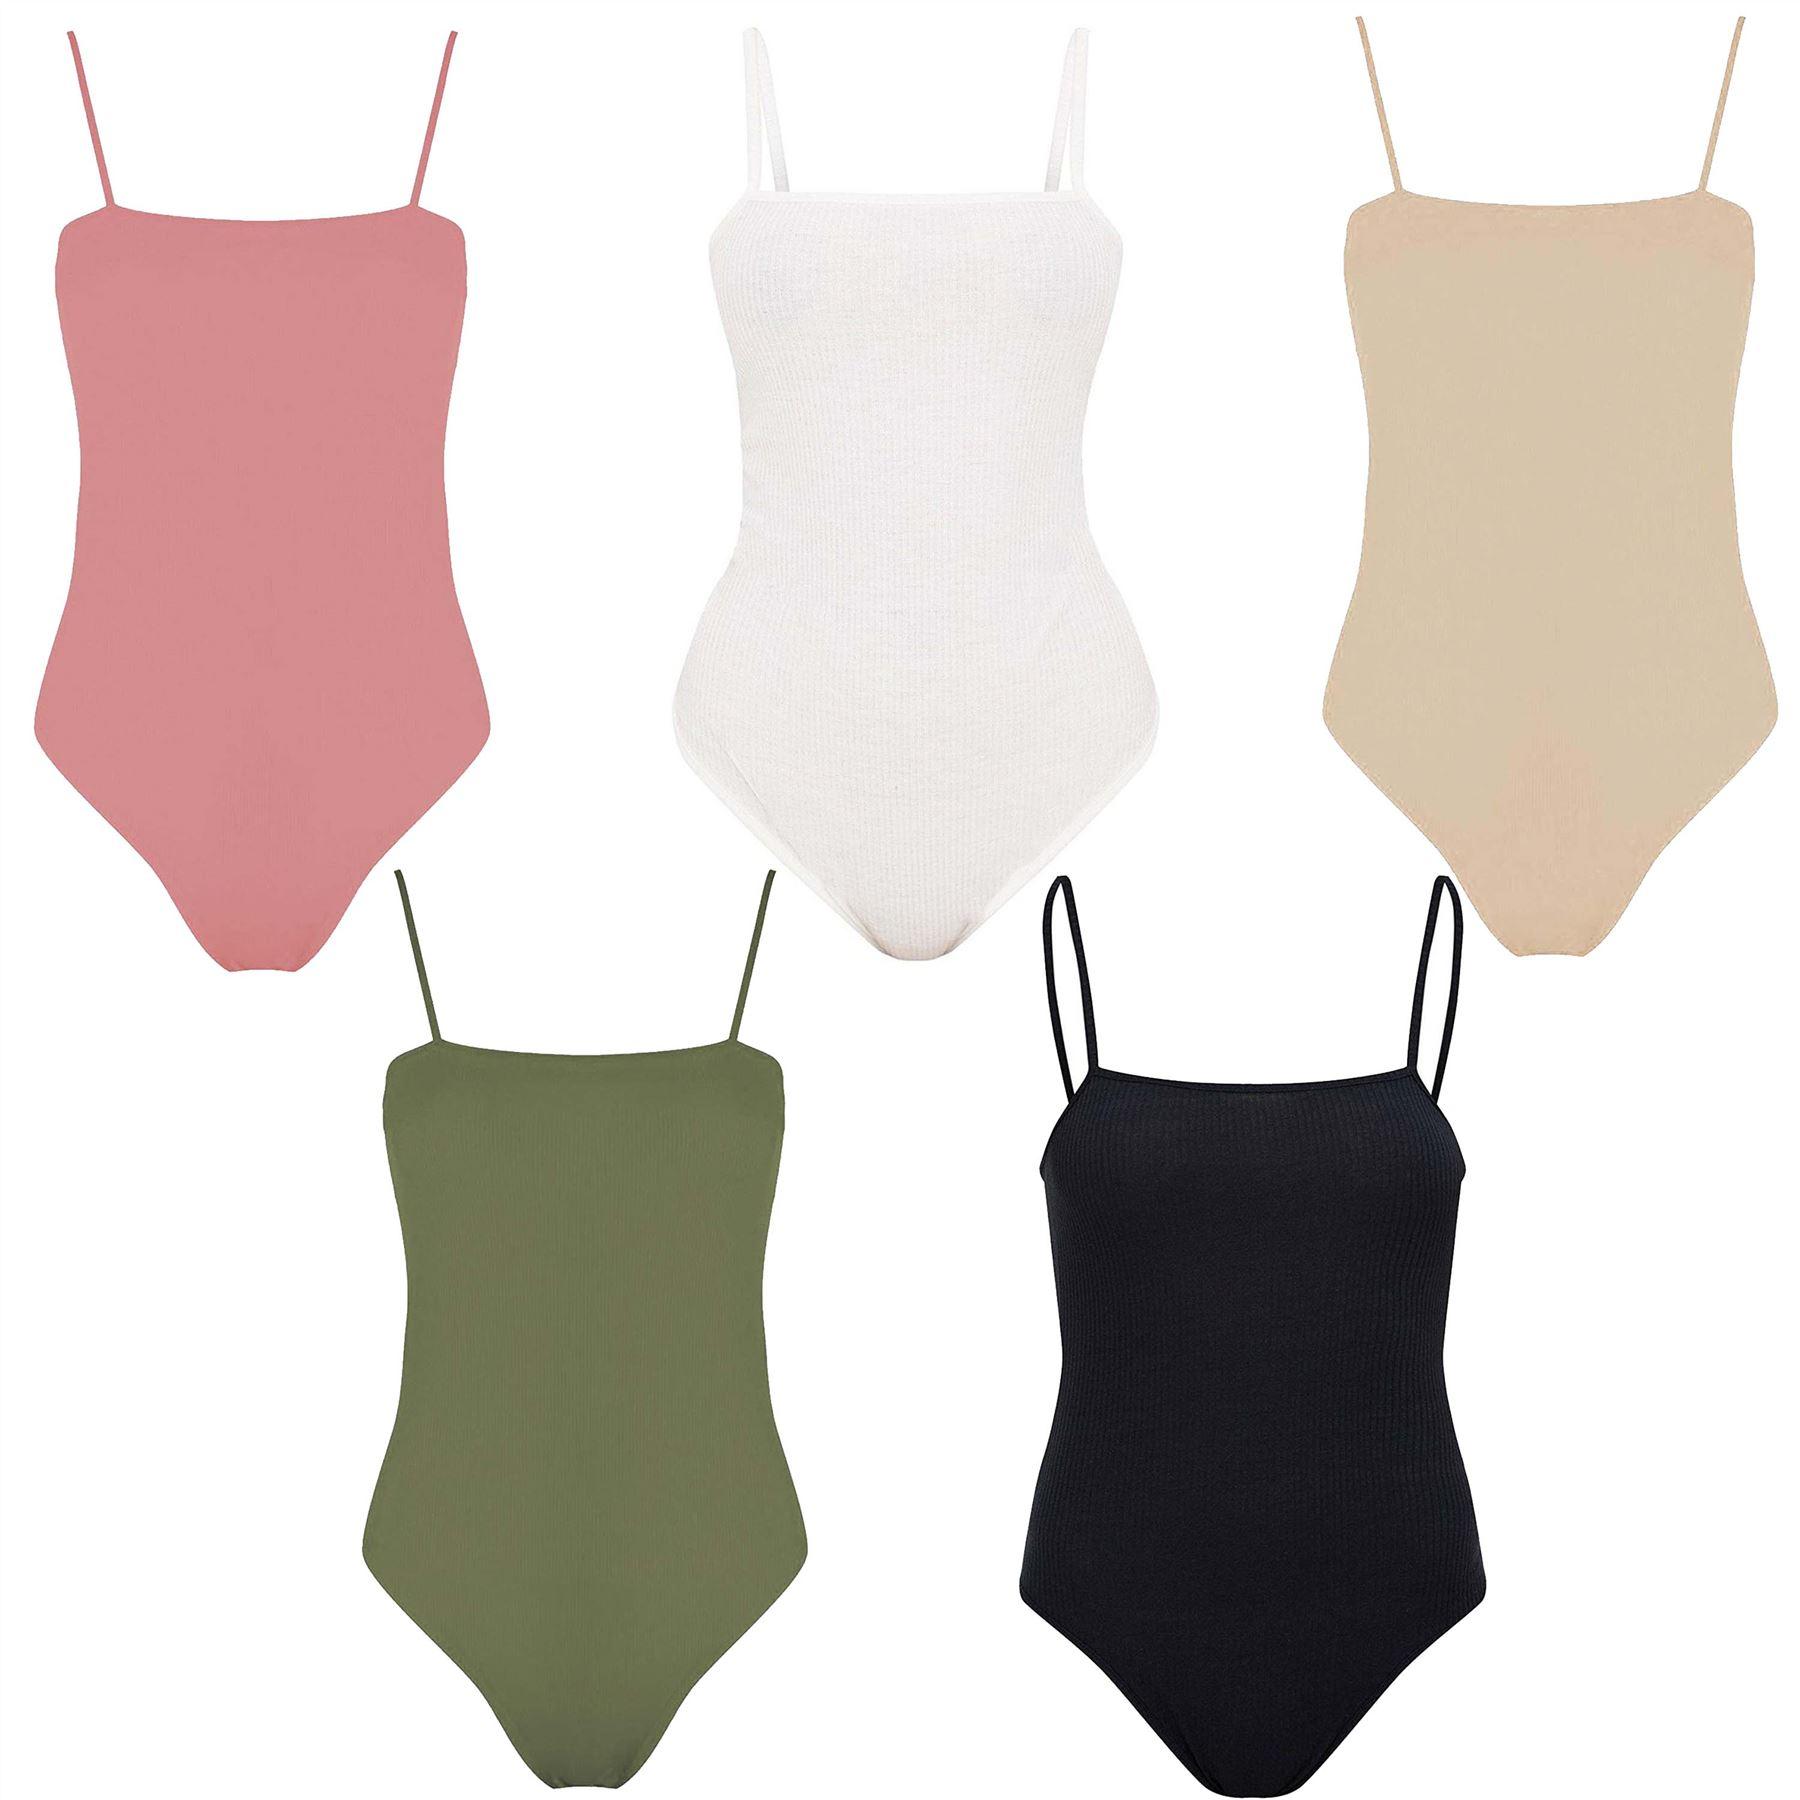 Ladies Cami Bralet Square Neck Strappy Bodysuit Leotard Body Top